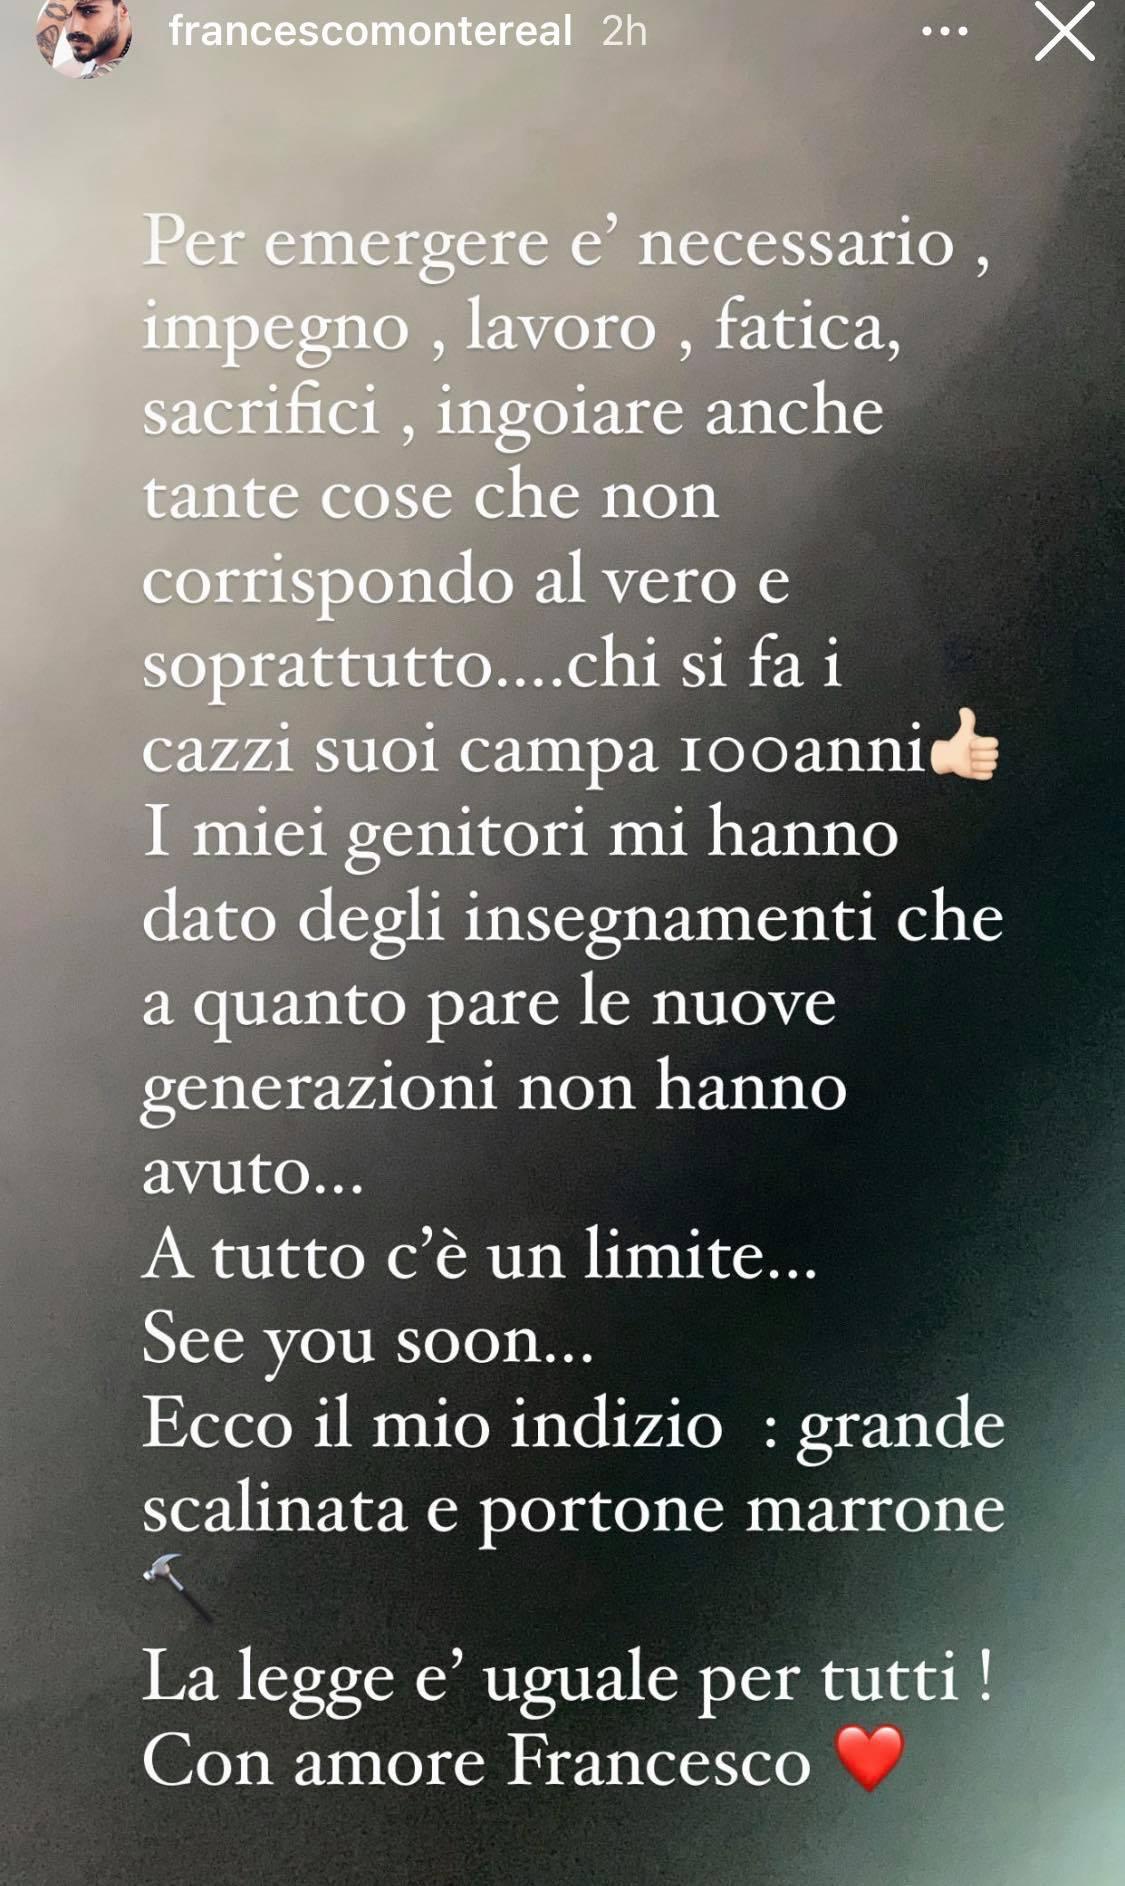 """Francesco Monte sbotta per le parole di Tommaso Zorzi: """"A tutto c'è un limite"""""""